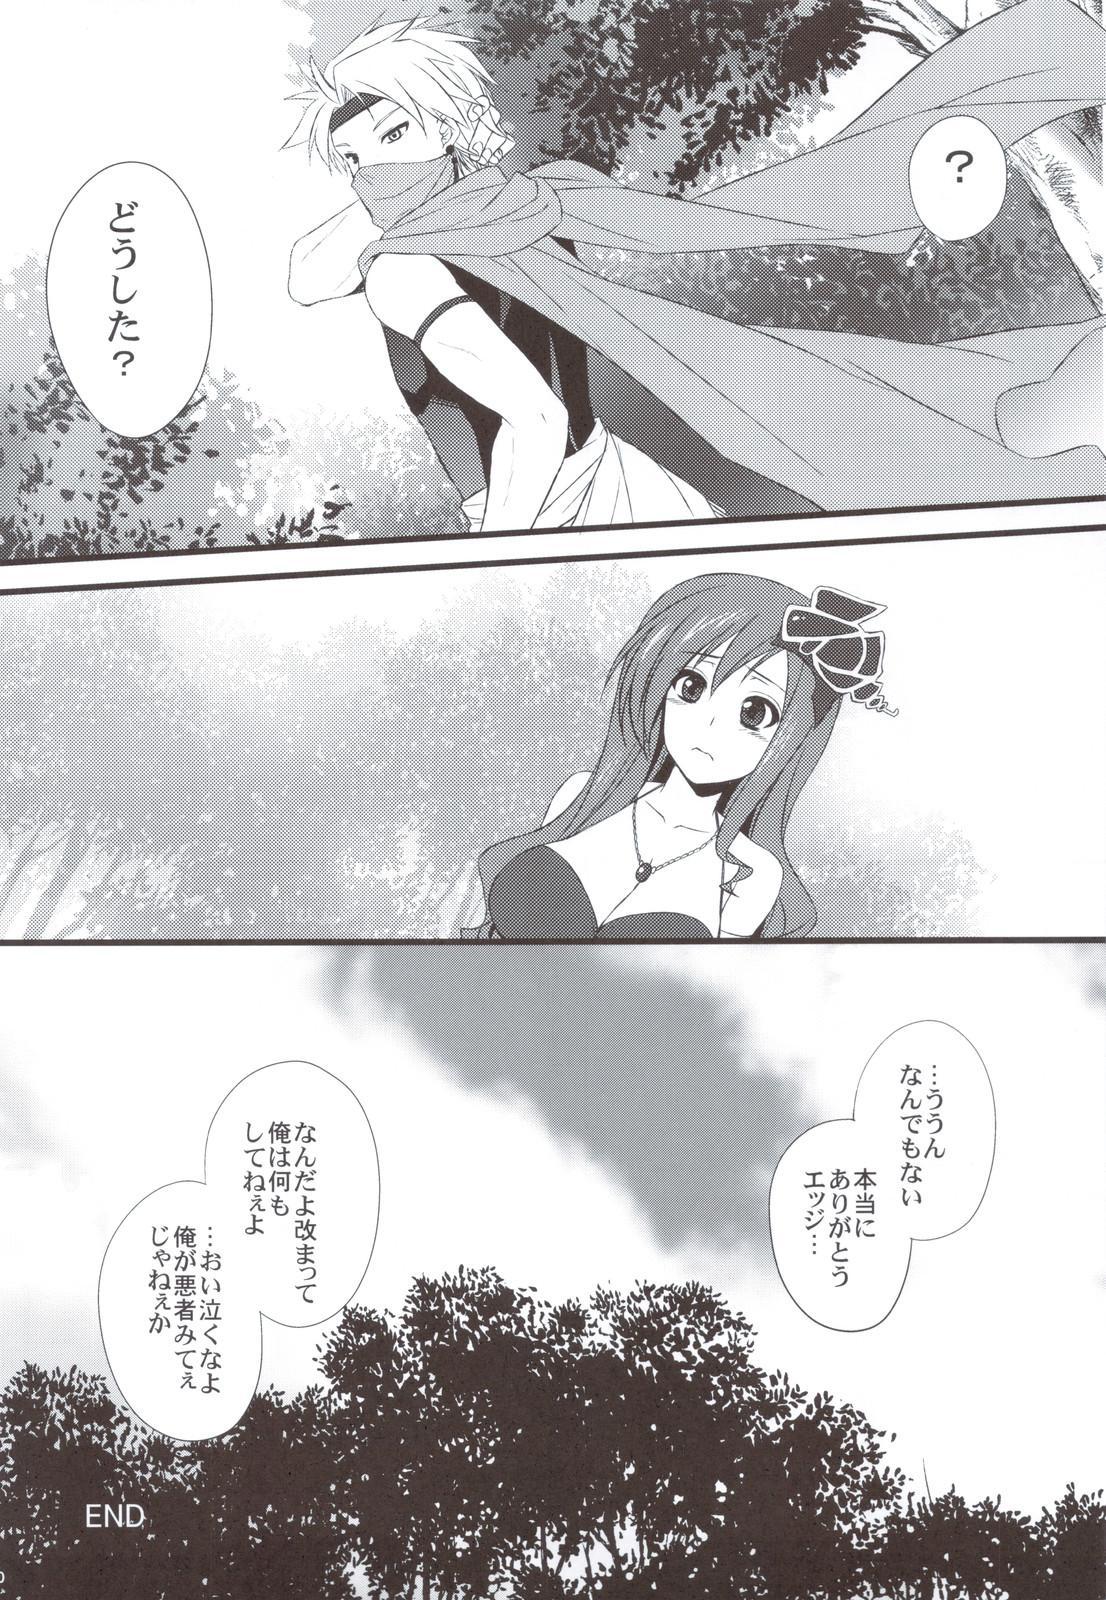 Rydia no Kachi 29